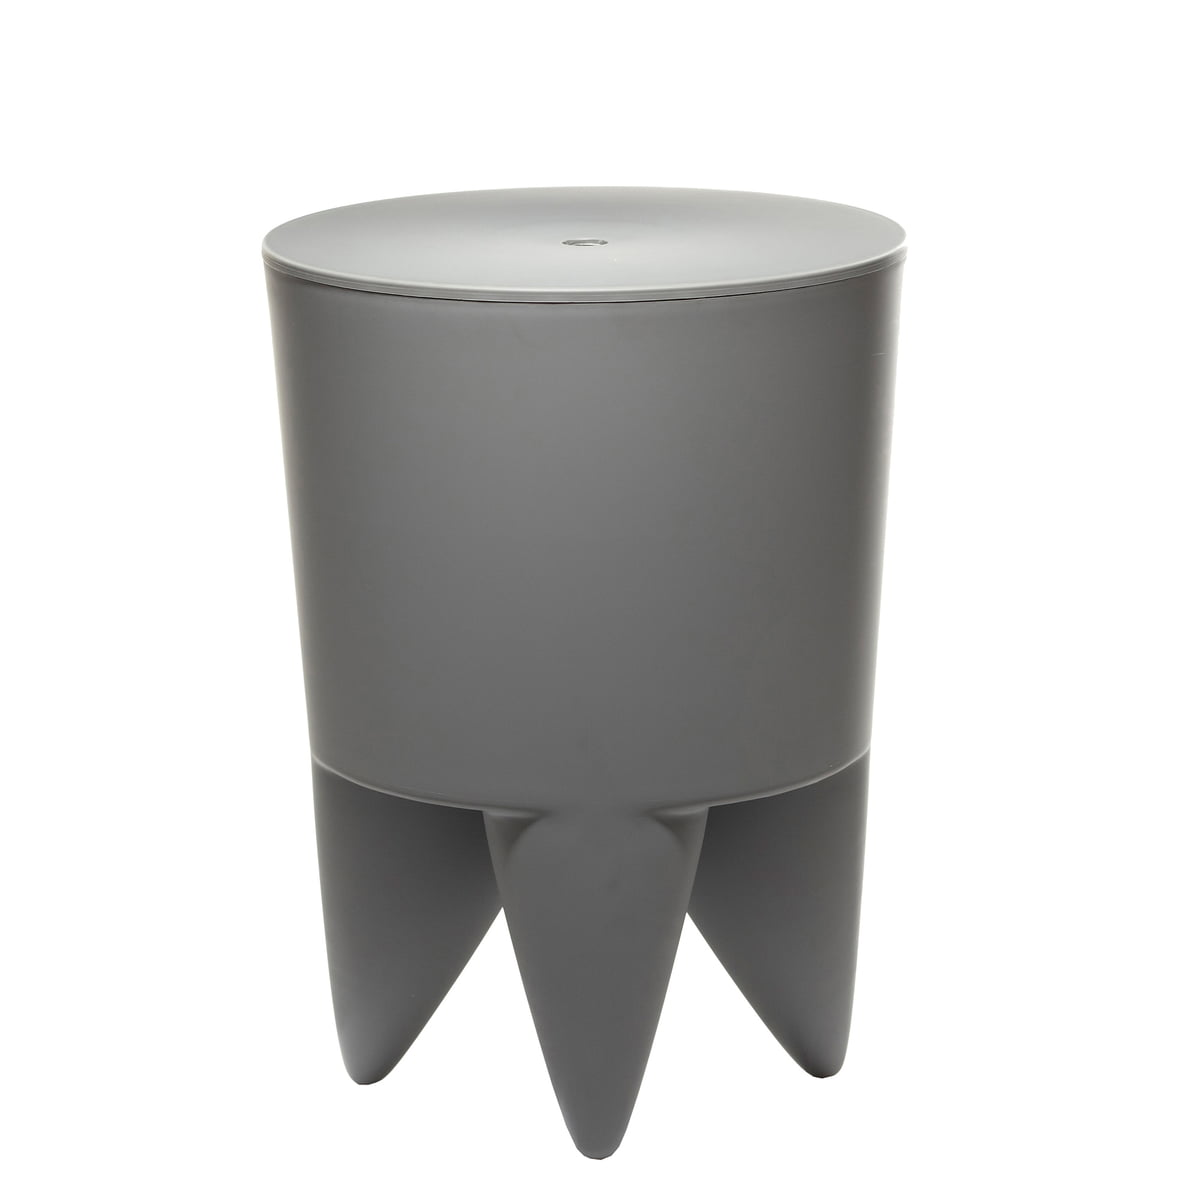 Bubu soft grey